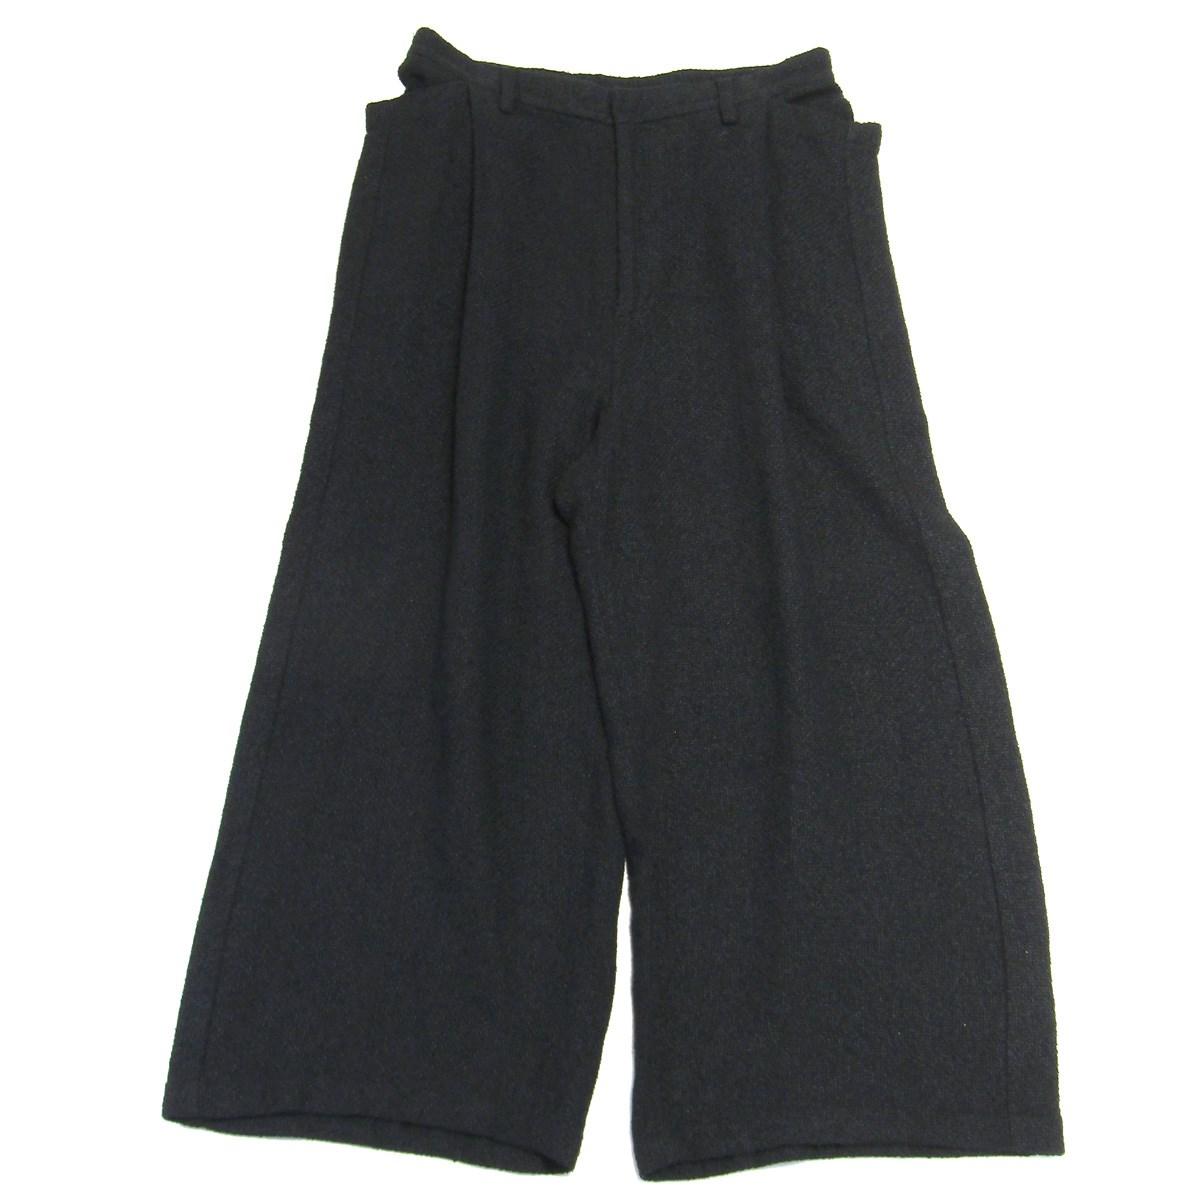 【中古】Edwina Horlイージーワイドパンツ ブラック サイズ:M